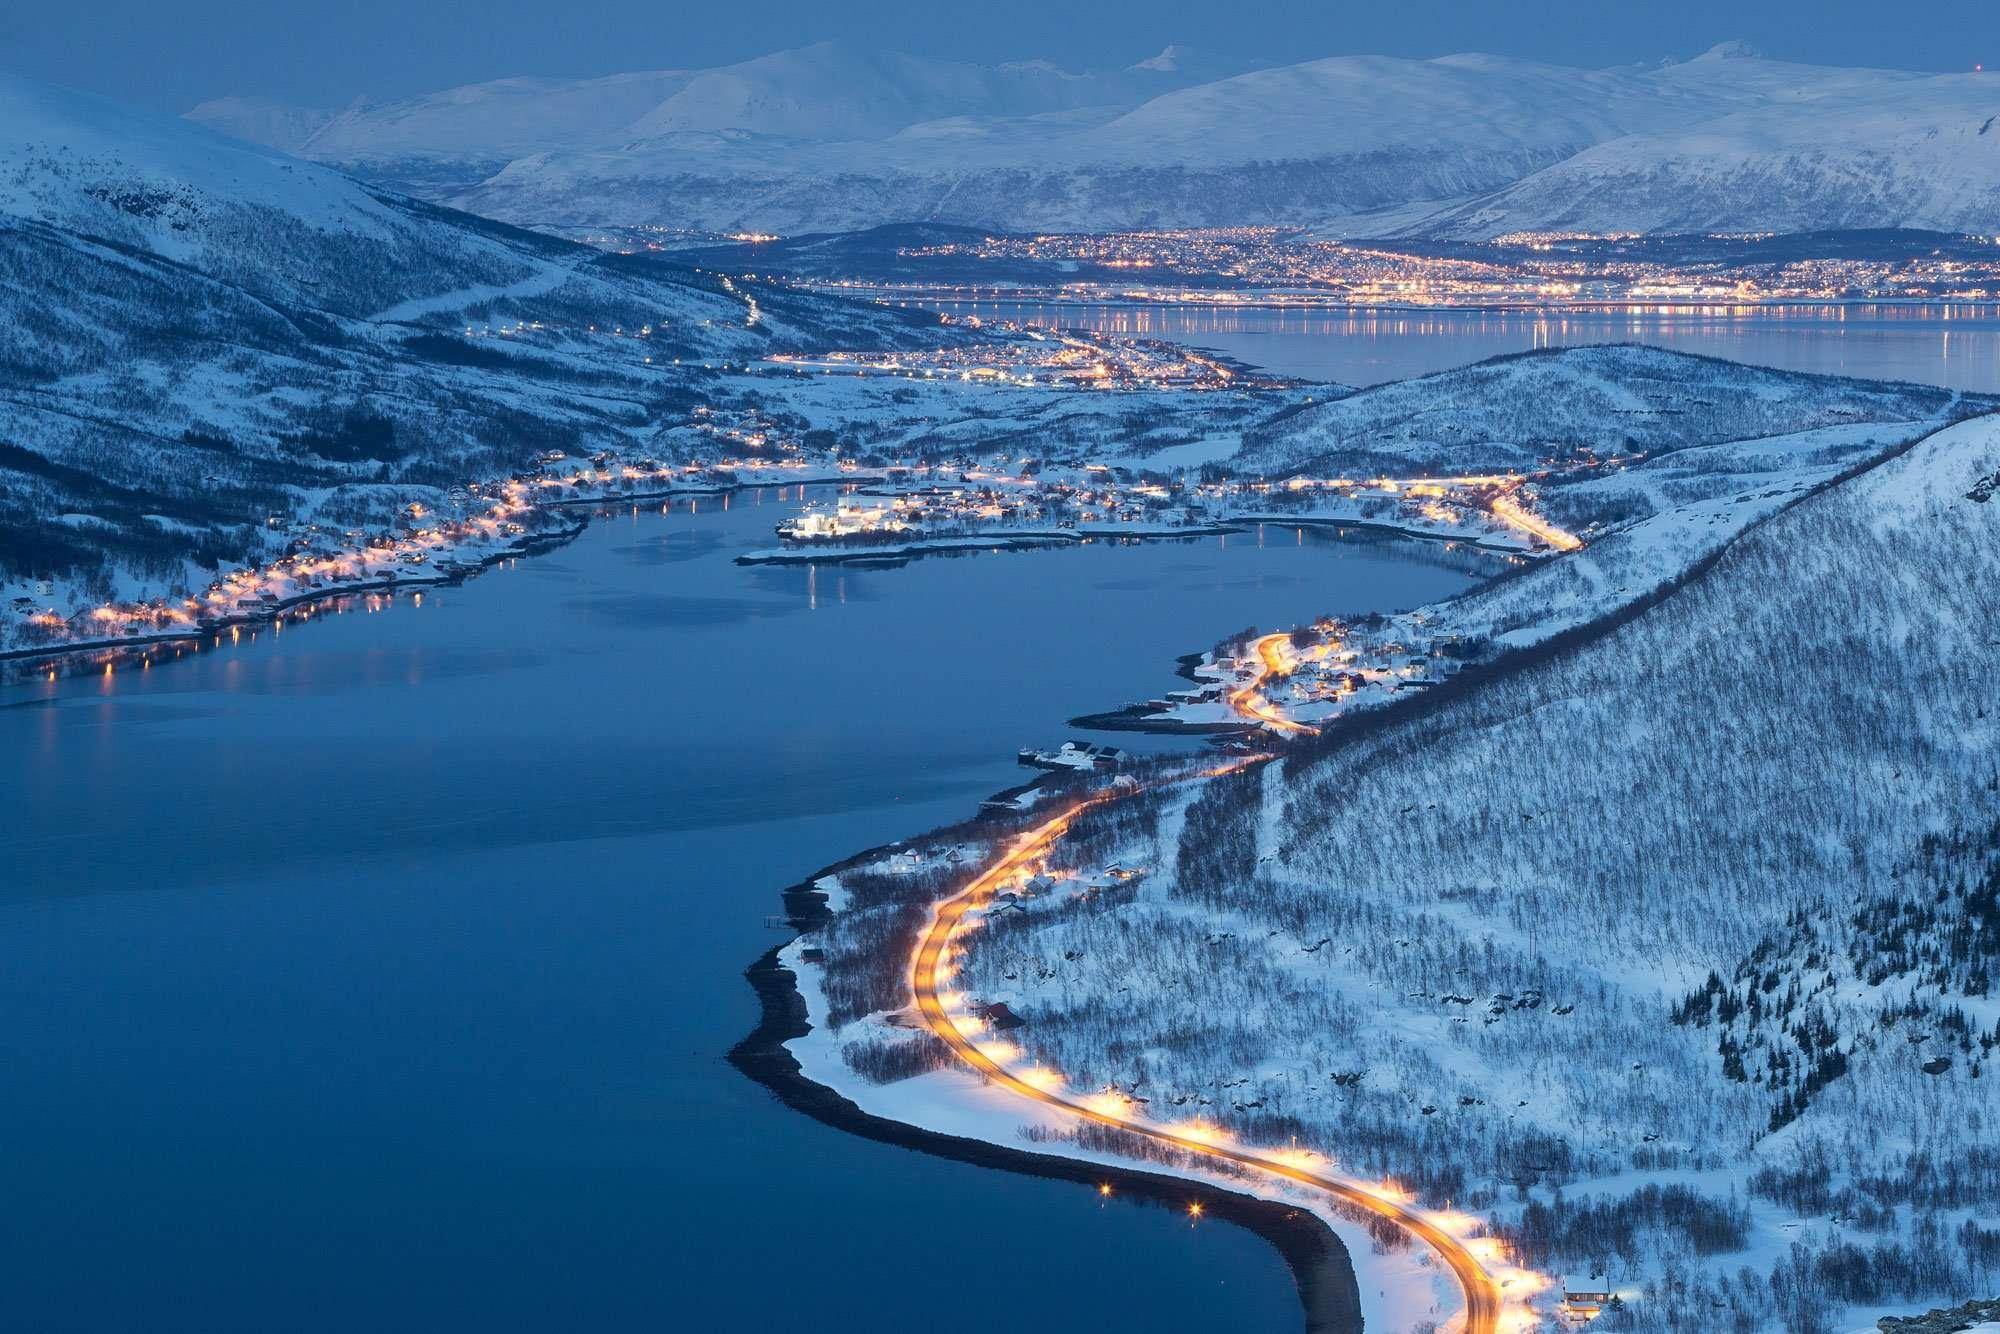 Dimplex vista norvegia riscaldamento elettrico norvegese for Radiatori elettrici norvegesi